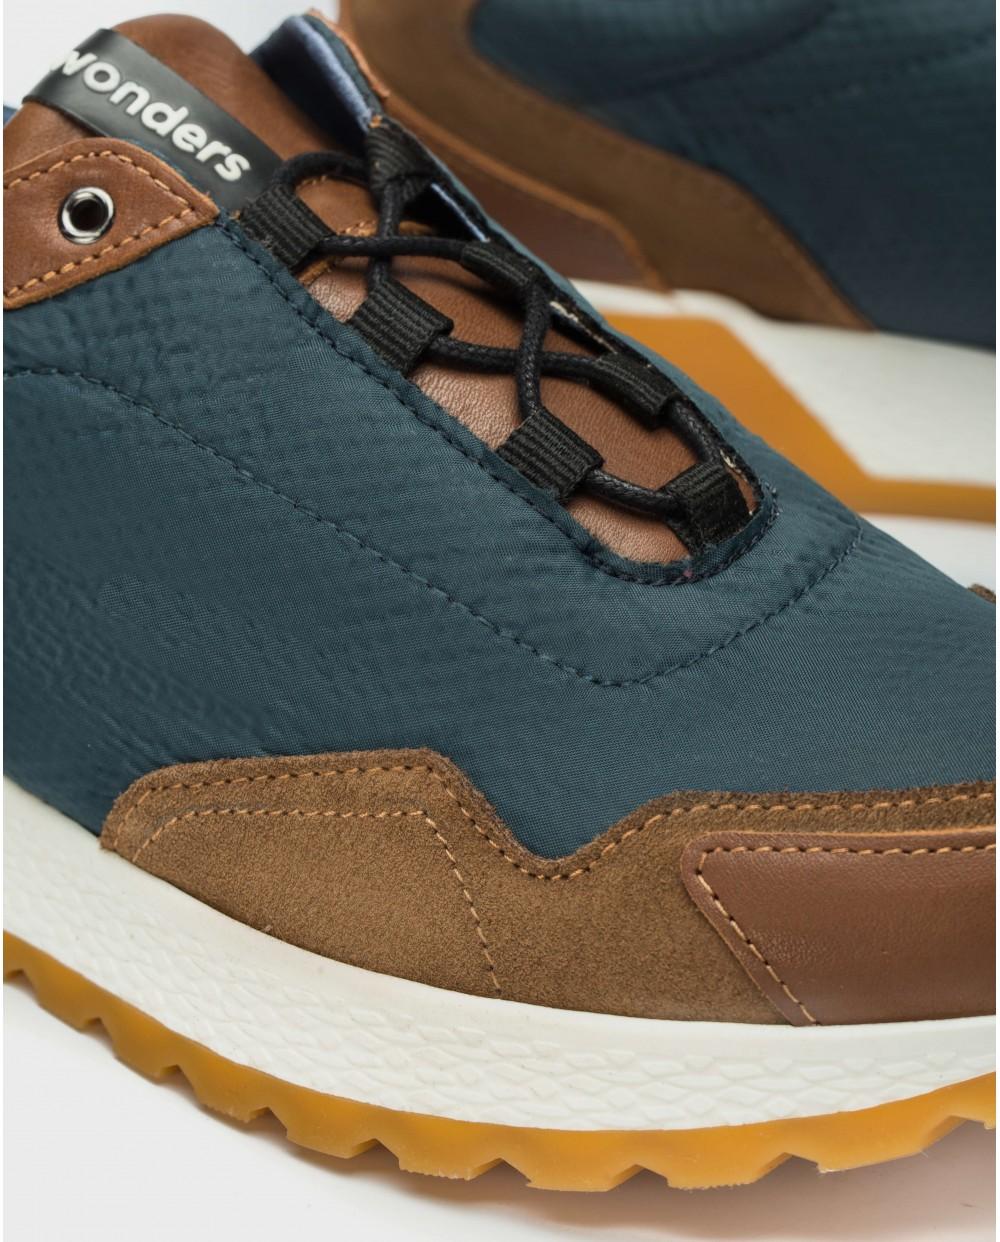 Wonders-Sneakers-Senaker with shoelaces